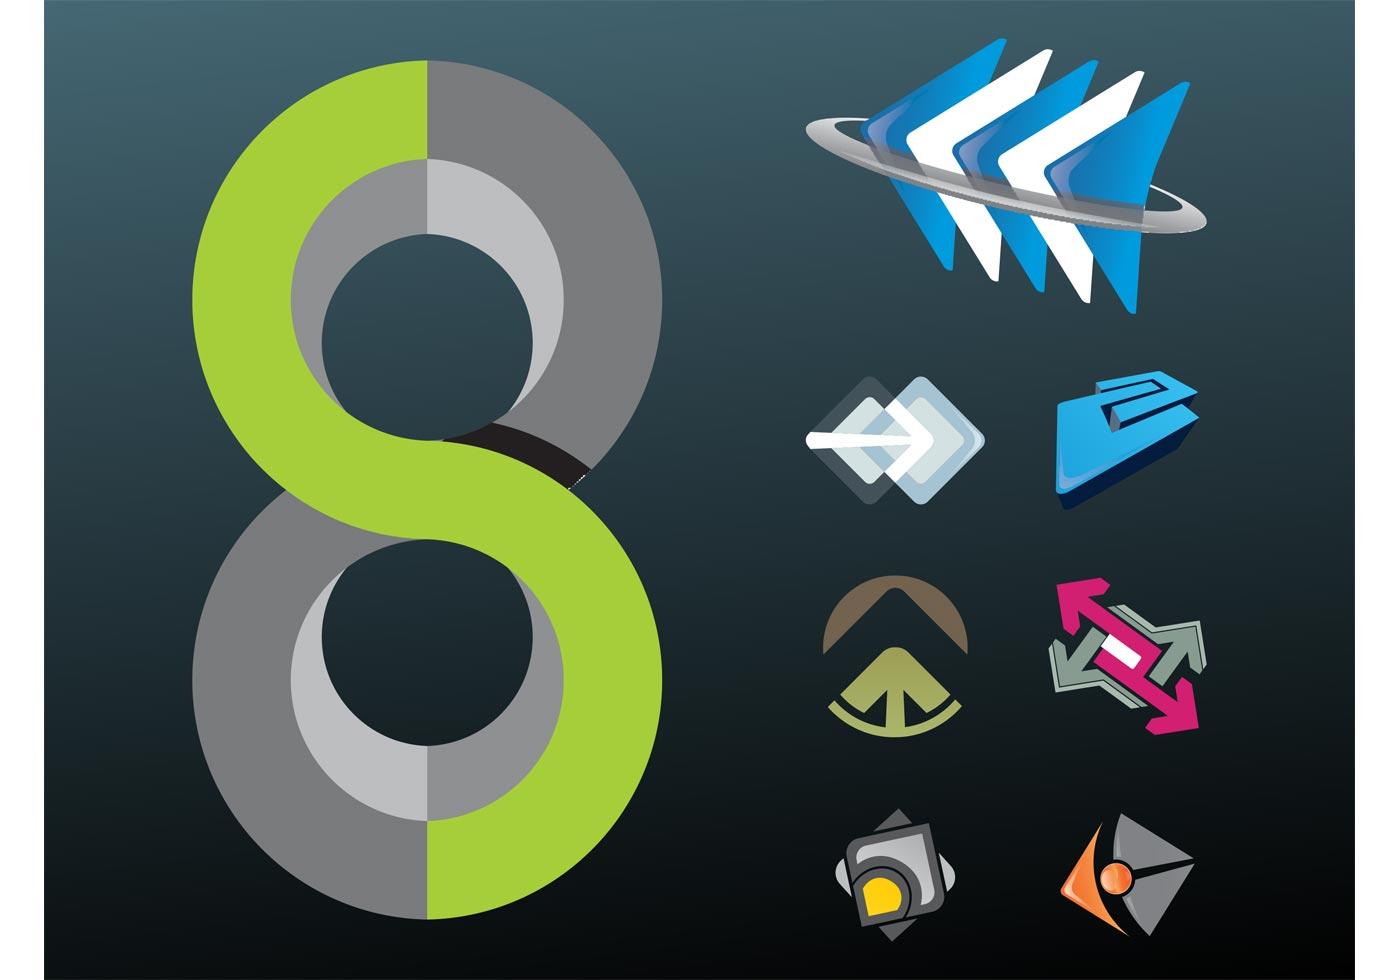 Gym King Logo >> Logo Free Vector Art - (41582 Free Downloads)